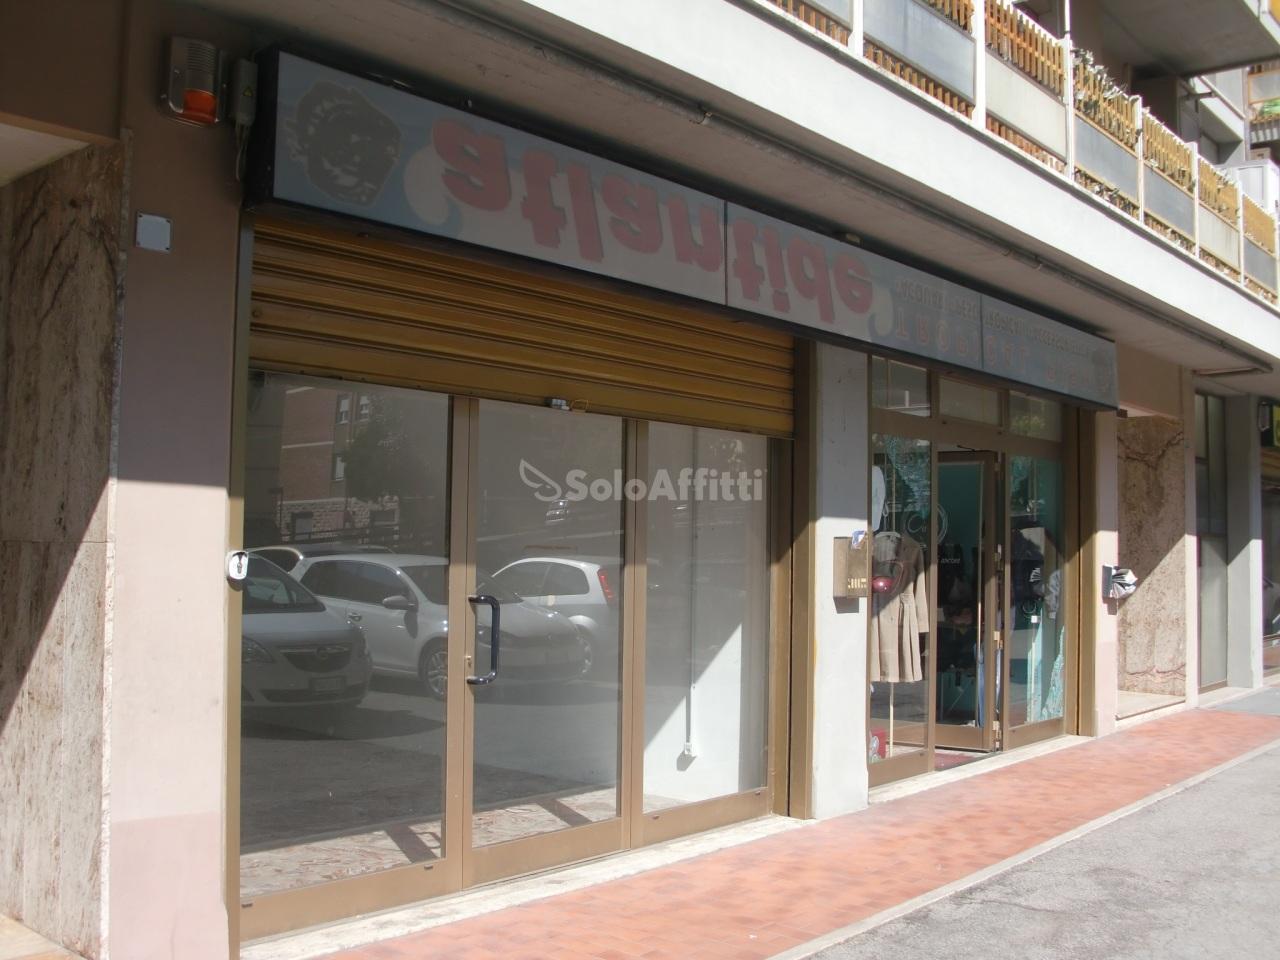 Fondo/negozio - 1 vetrina/luce a San Sisto, Perugia